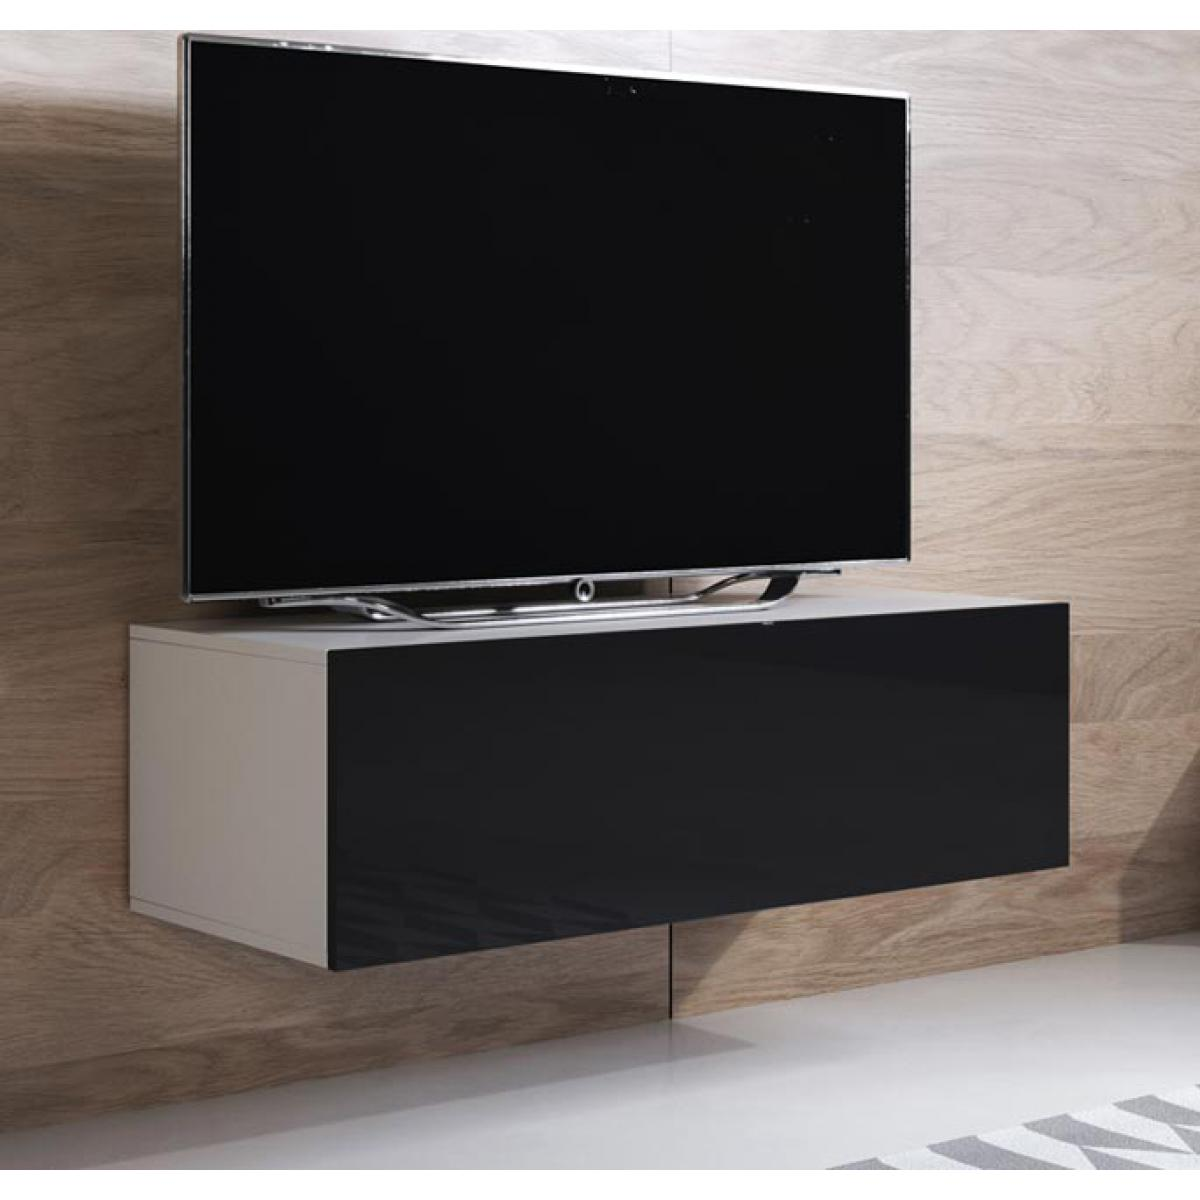 Design Ameublement Meuble TV modèle Luke H1 (100x30cm) couleur blanc et noir